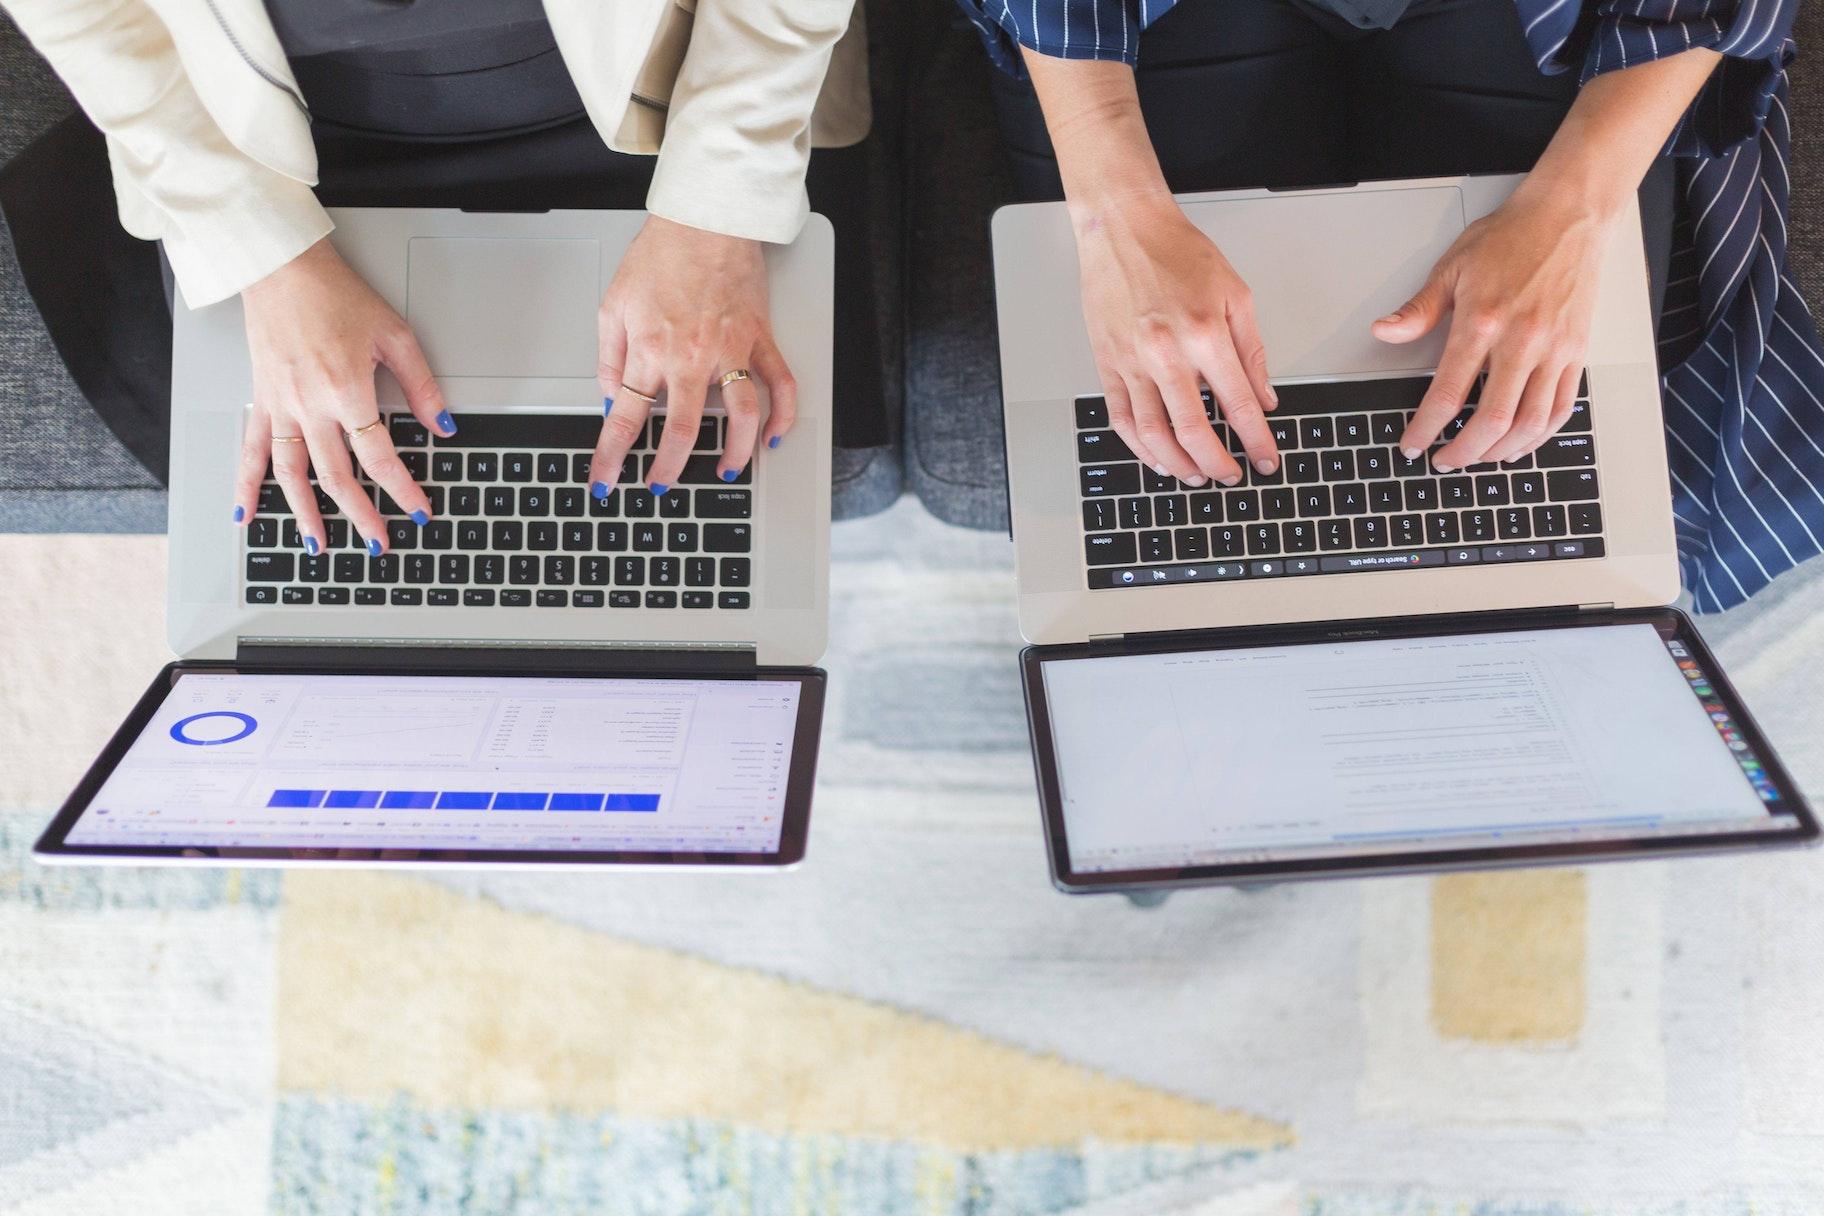 Zwei Laptops auf Tisch